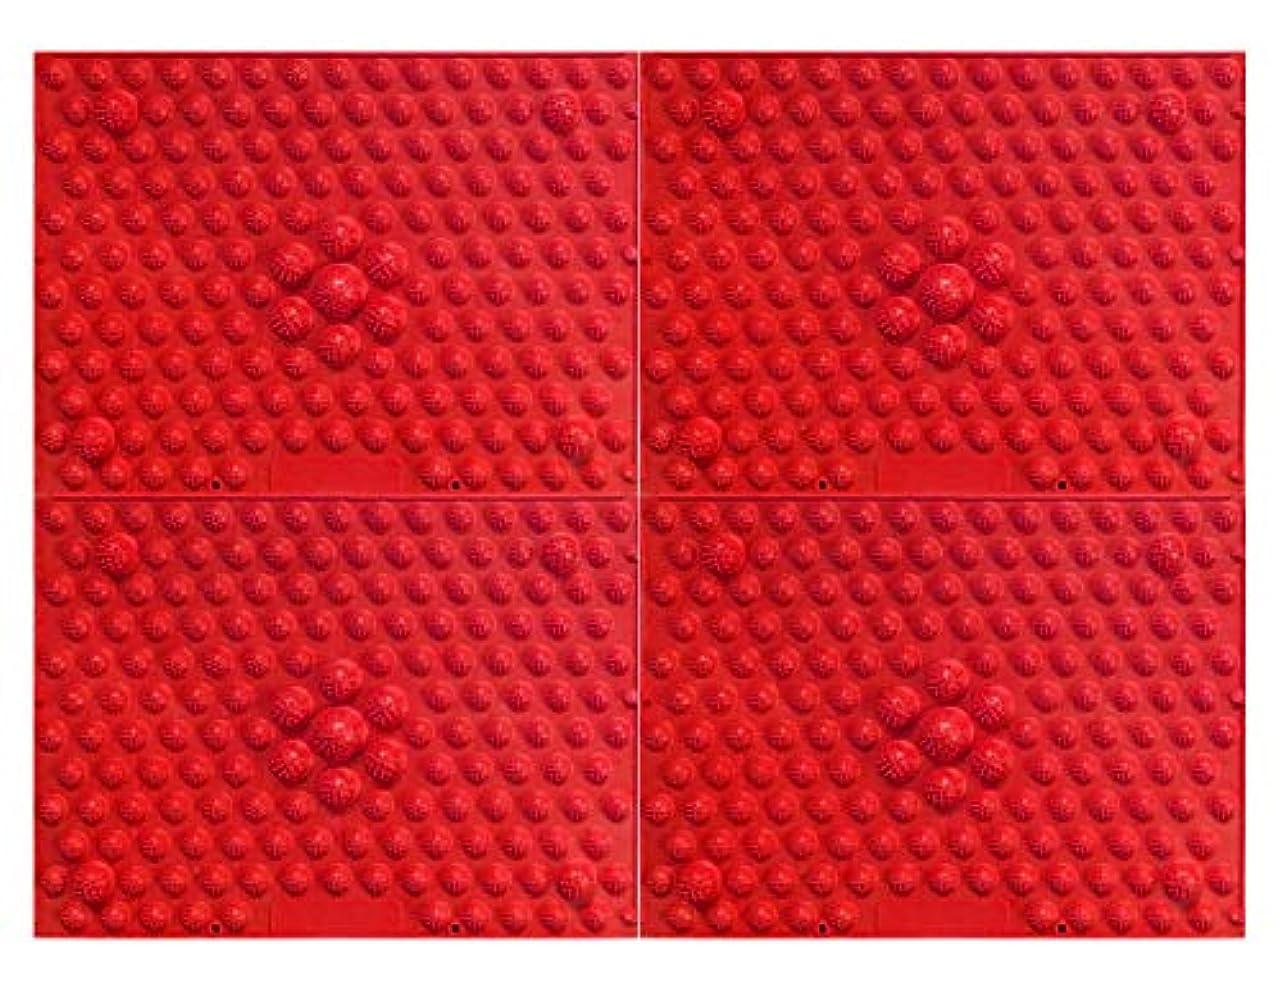 結婚したキャップ方向縦横自由自在足踏みマット4枚セット (赤)